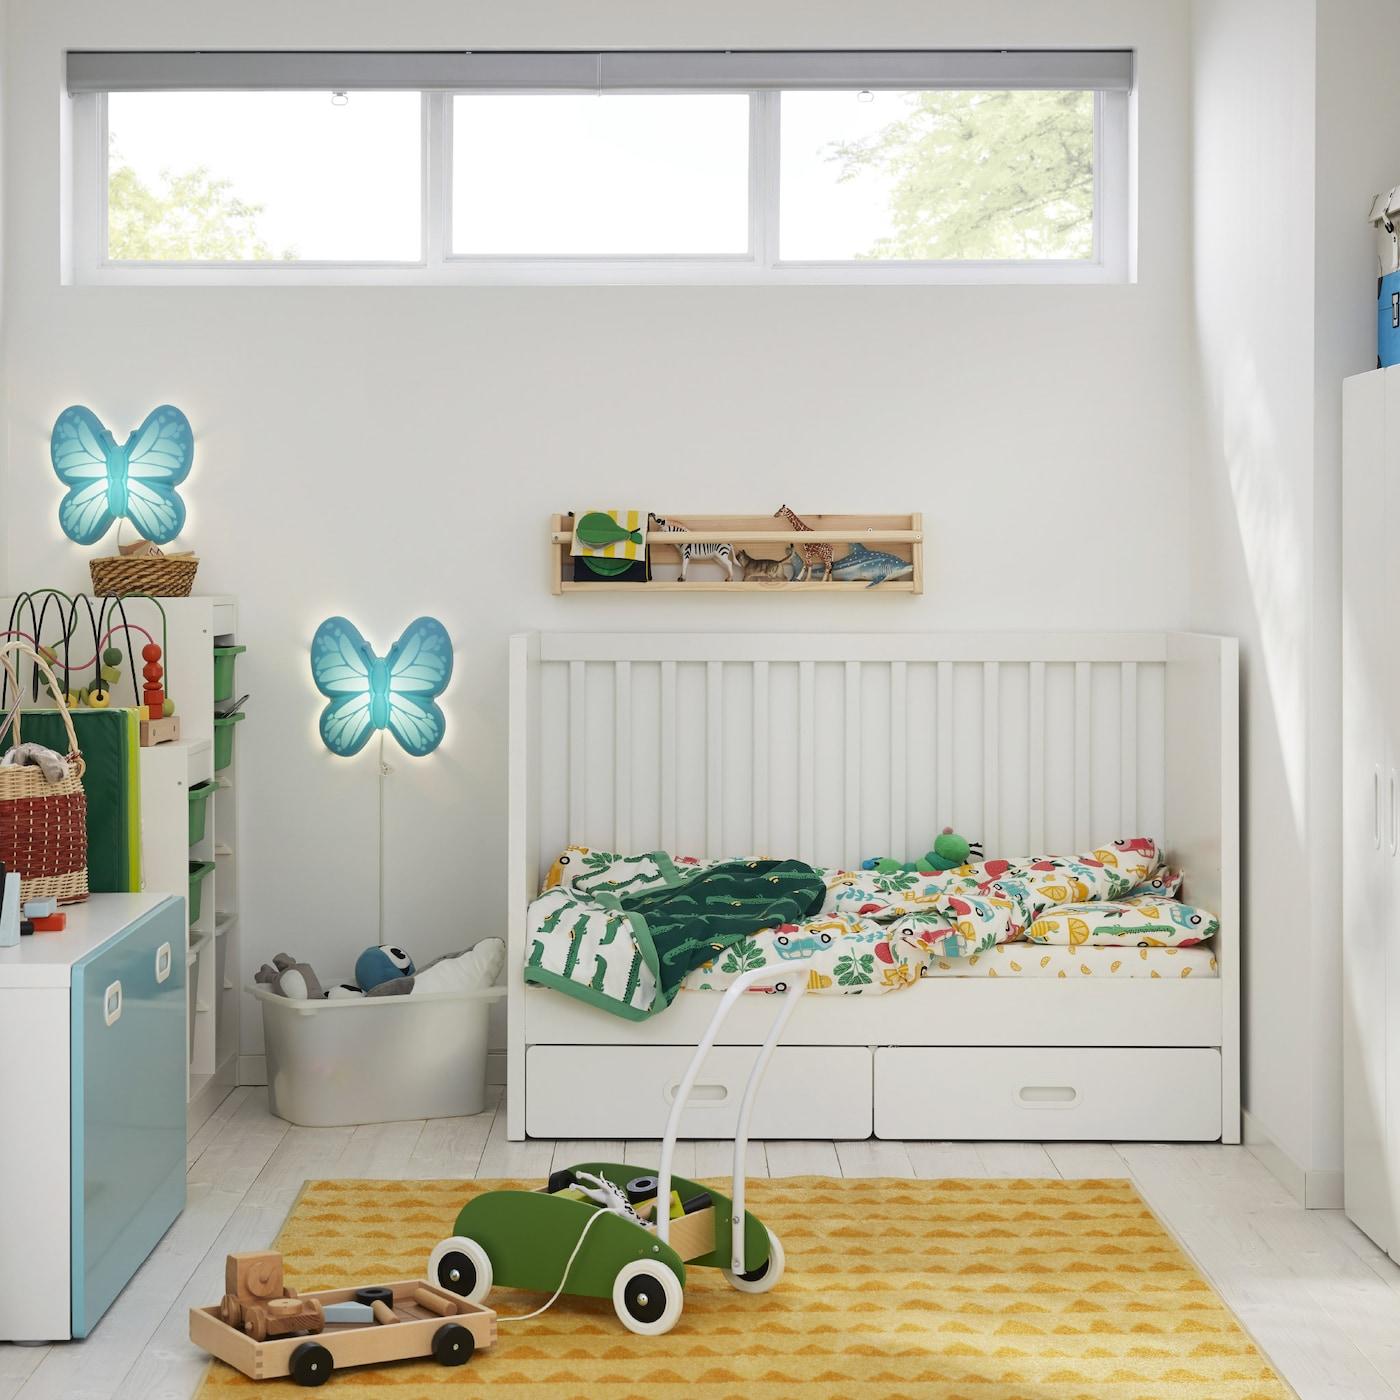 Gyerekszoba, fehér rácsos ággyal, sárga szőnyeggel, fehér gardróbbal és pillangó alakú falilámpákkal.